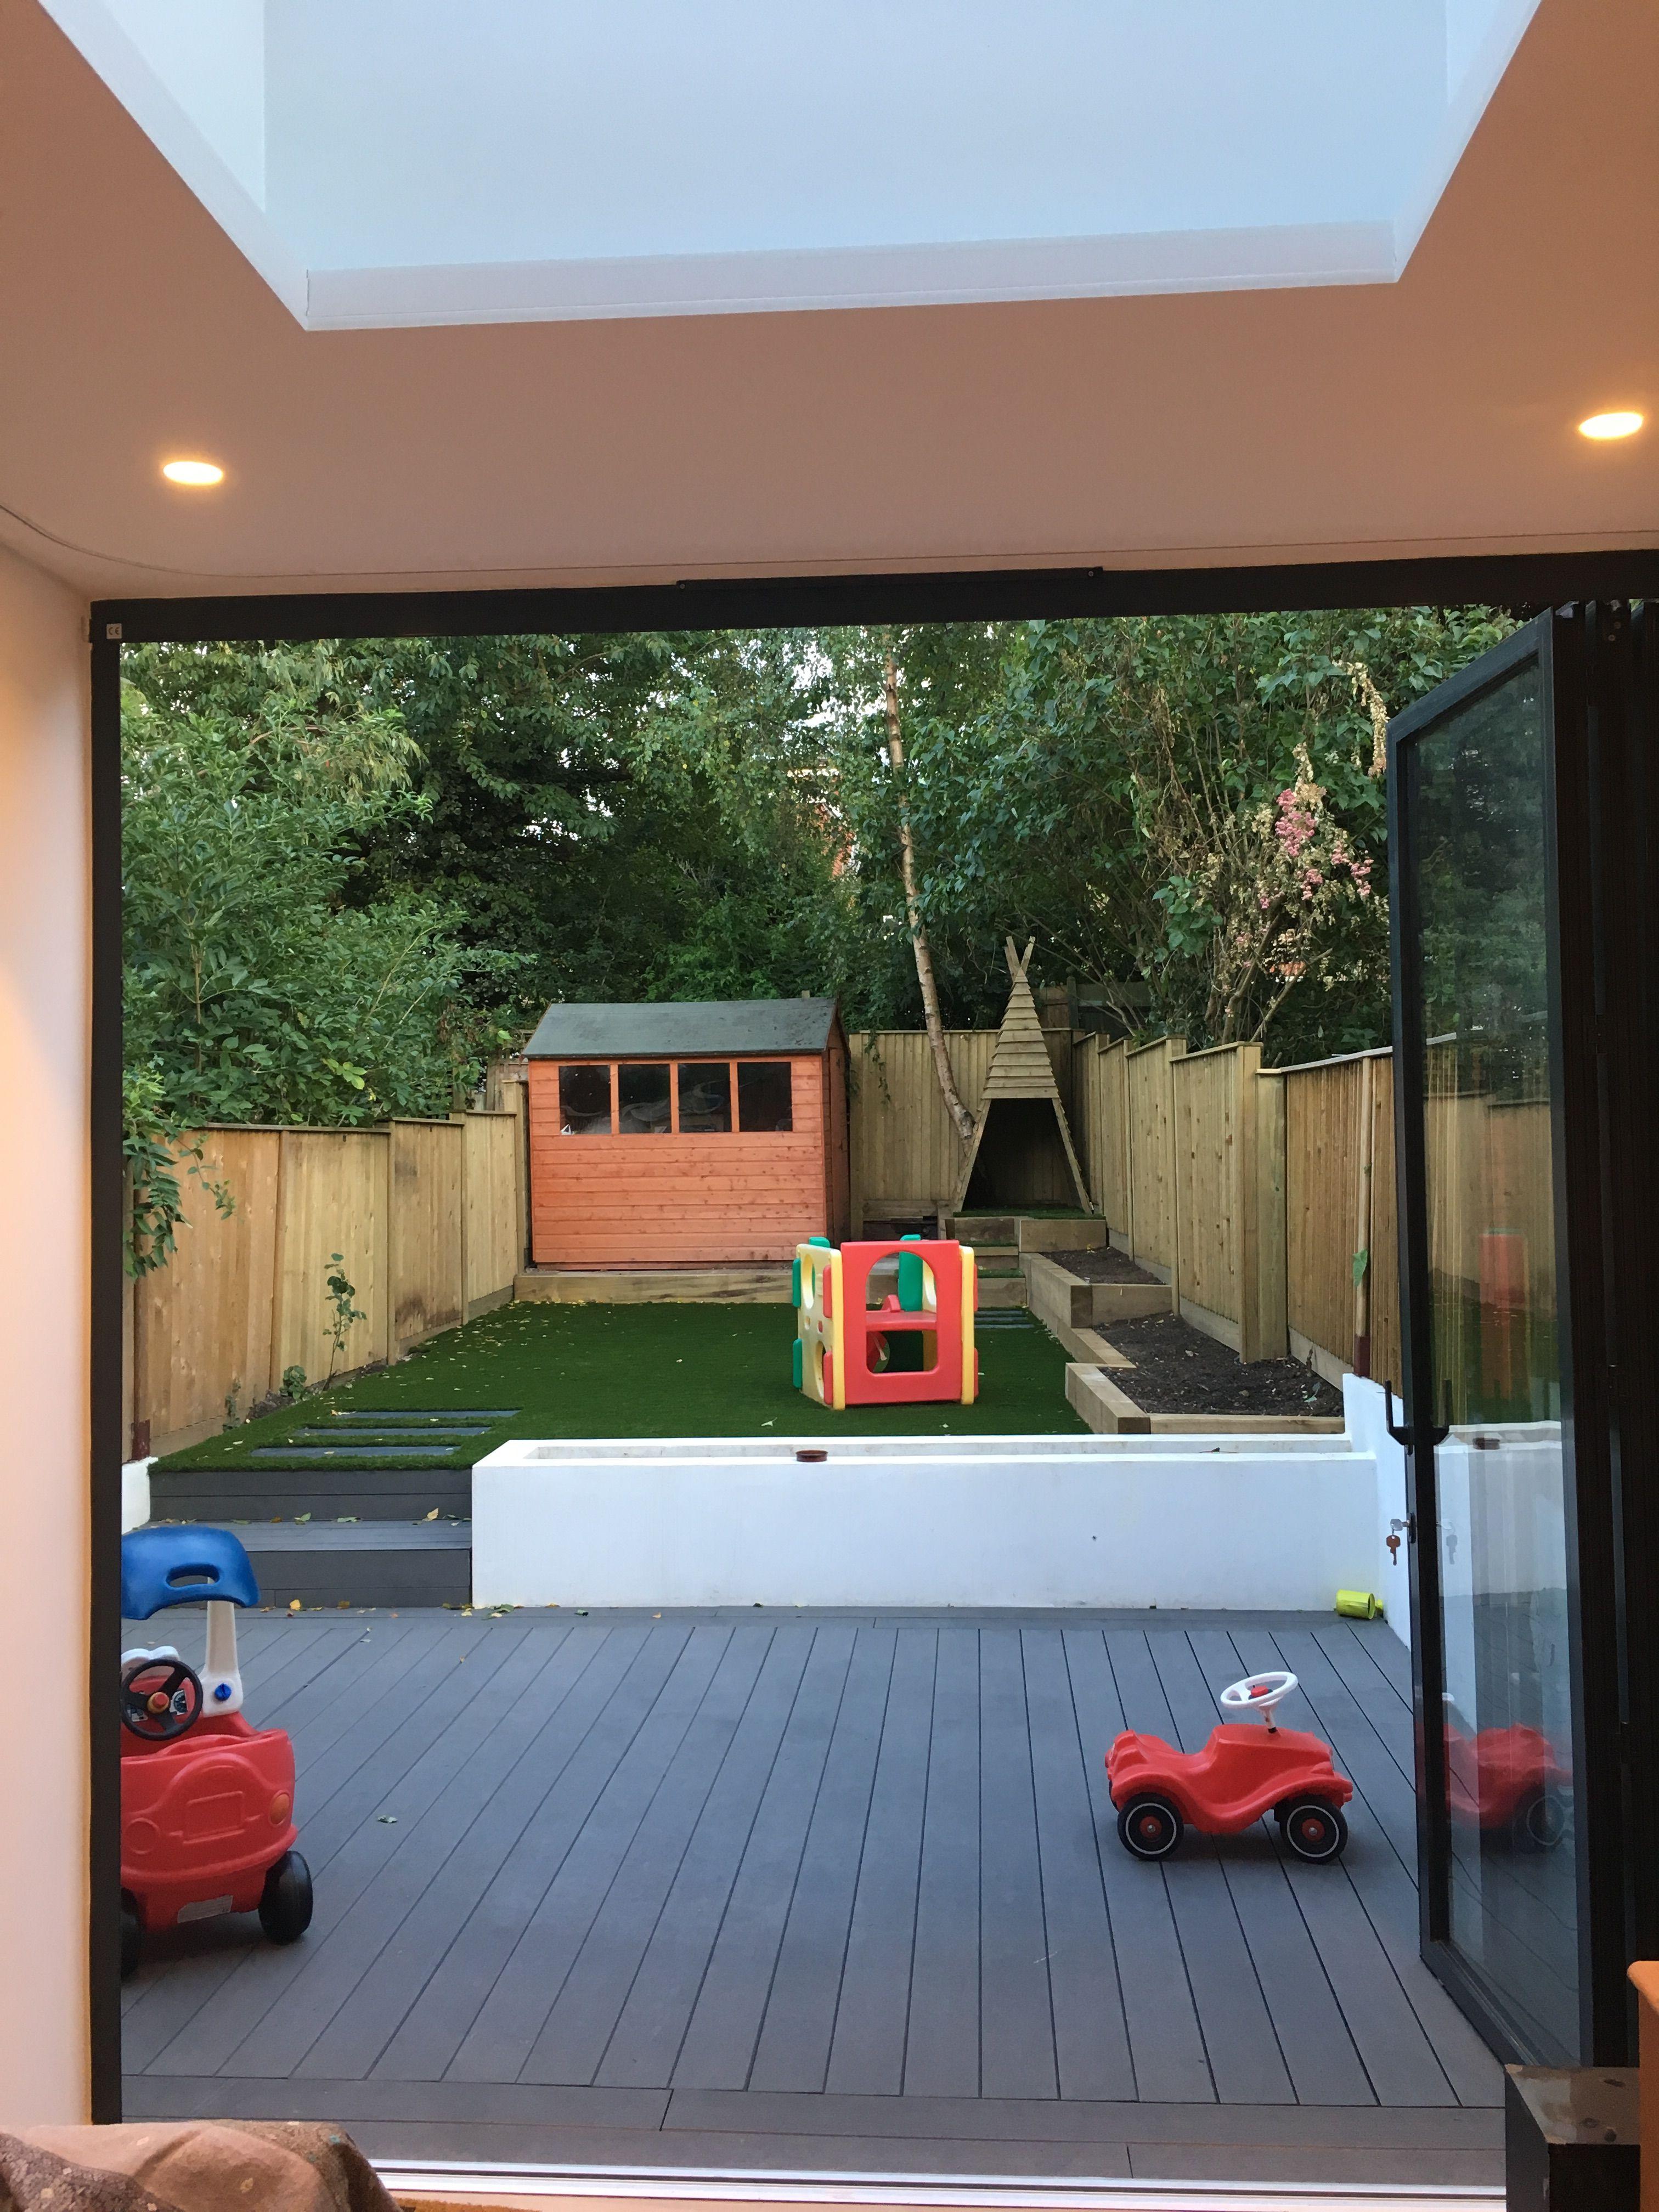 Child friendly garden, N8, London | garden | Pinterest | Child ...